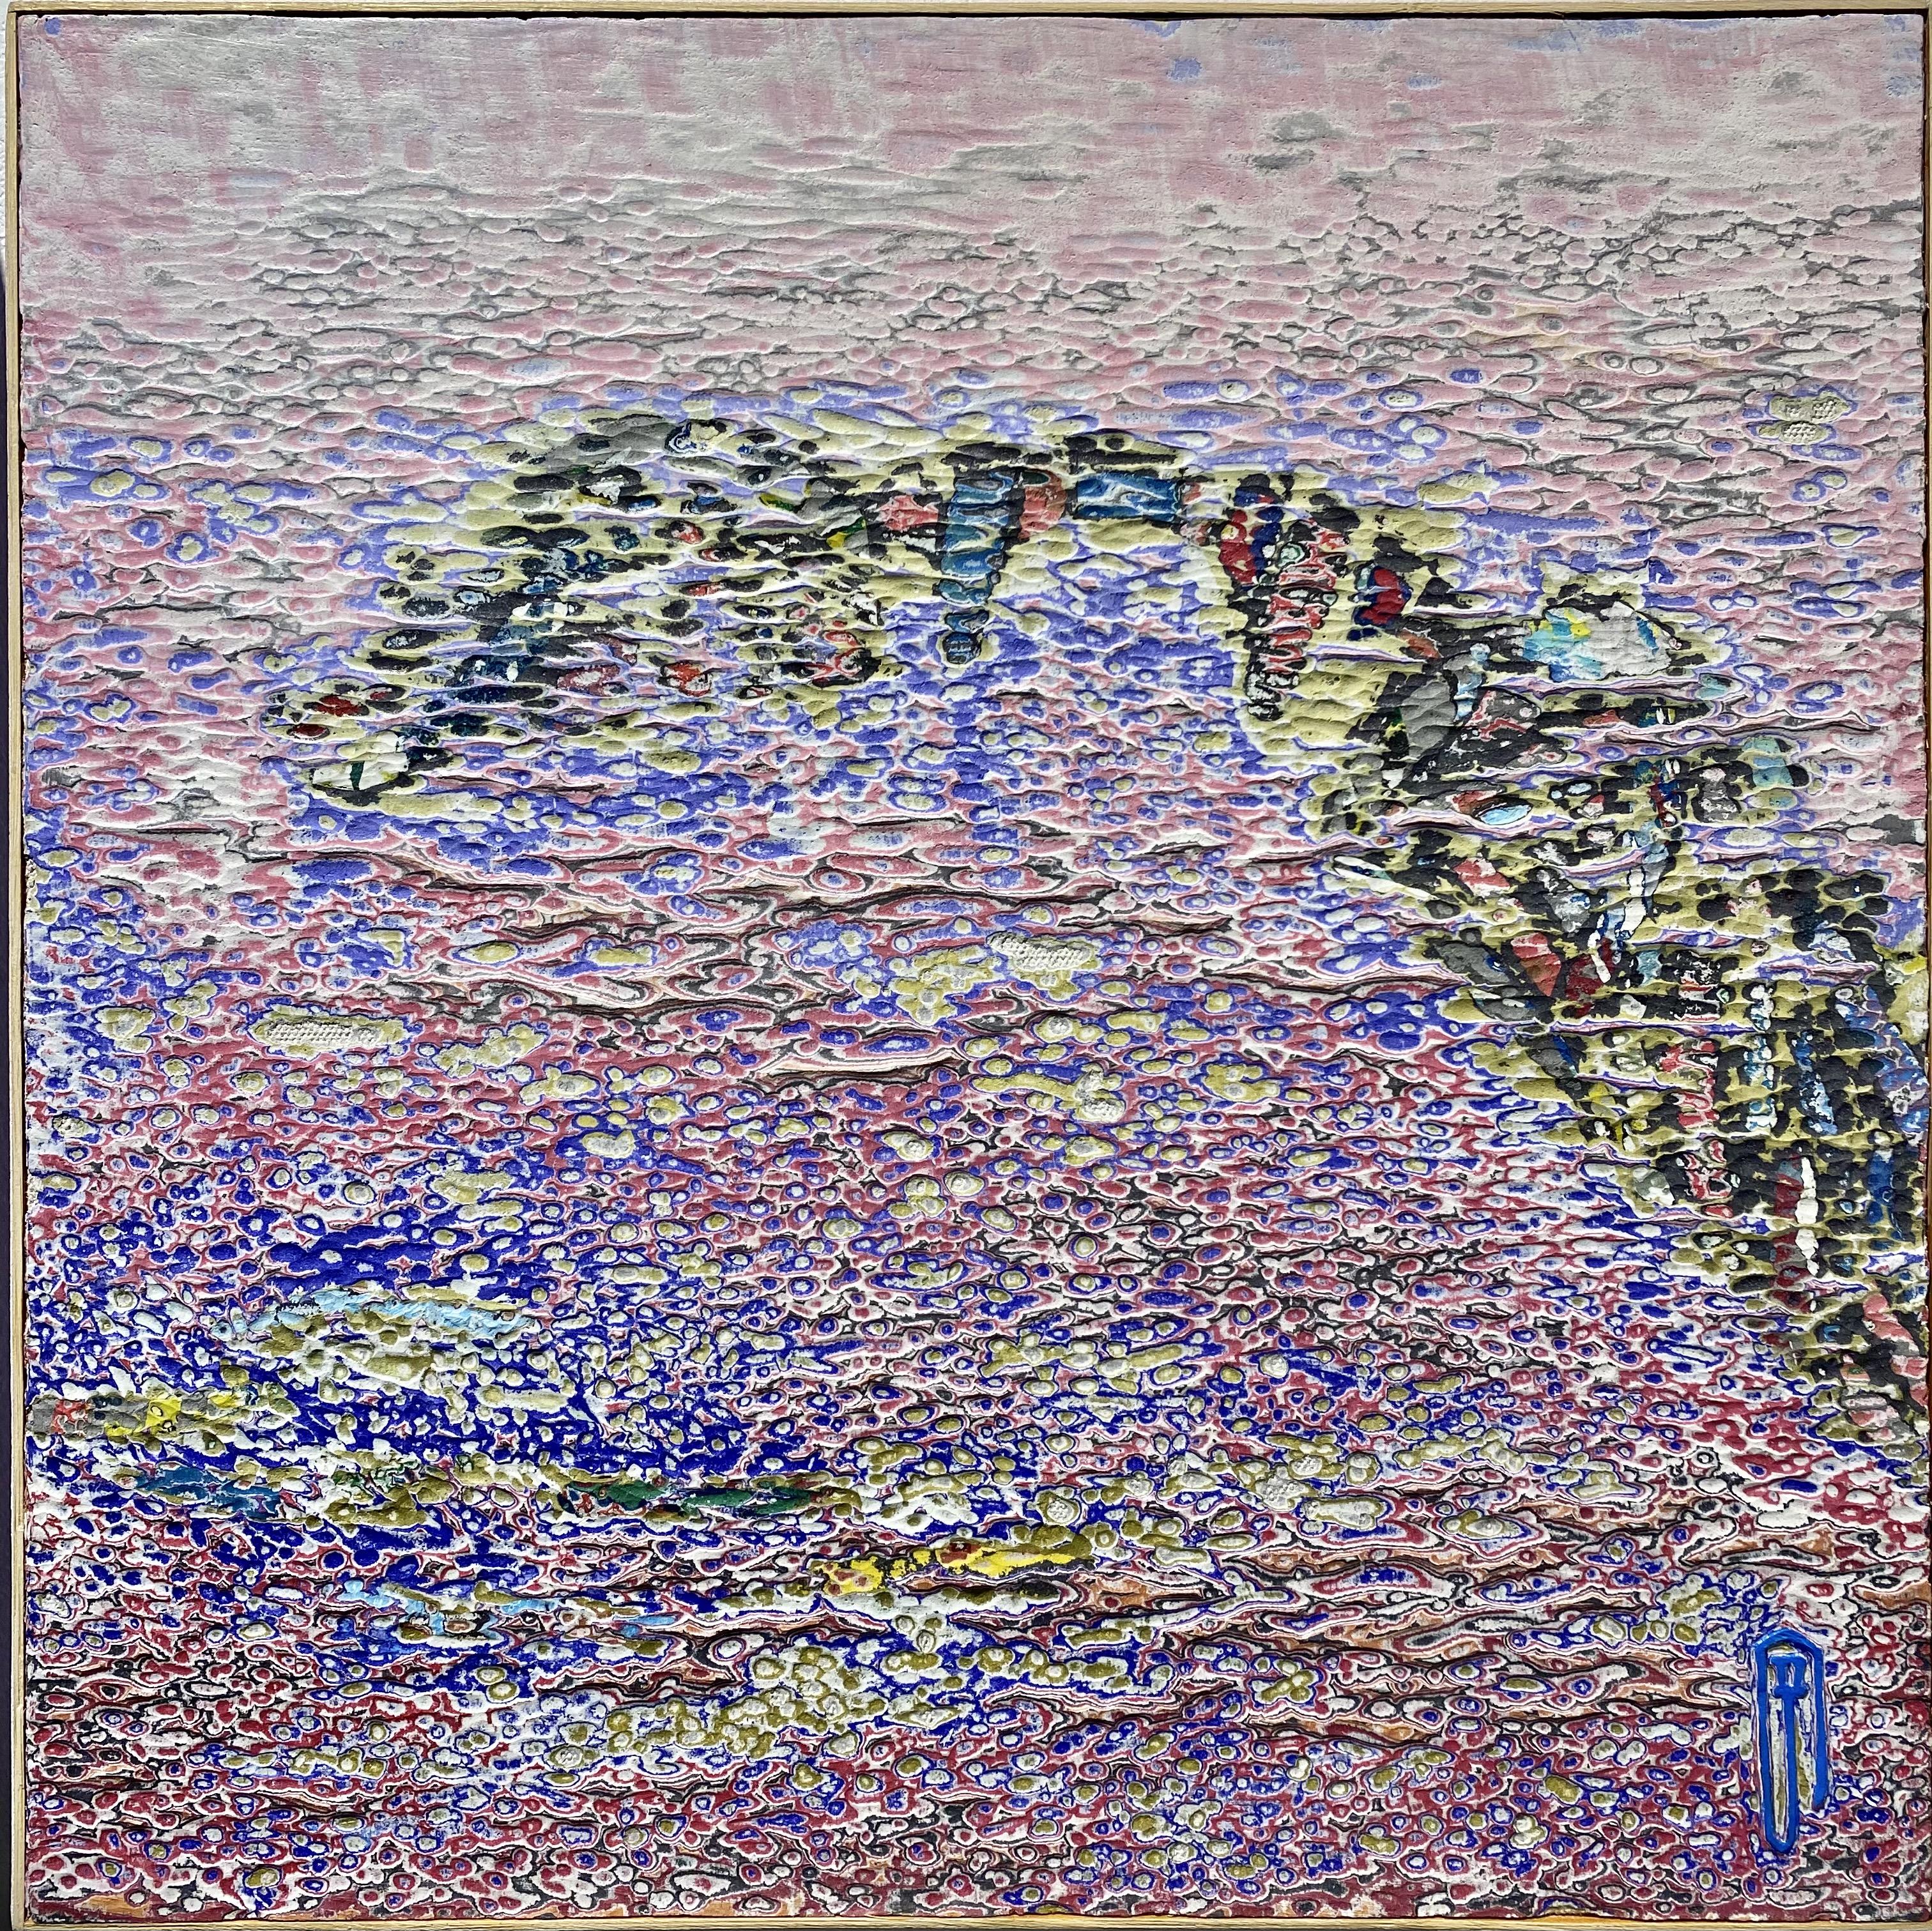 015, 김재신, 통영풍경, 35 x 35 cm(6호), 나무판 위 색조